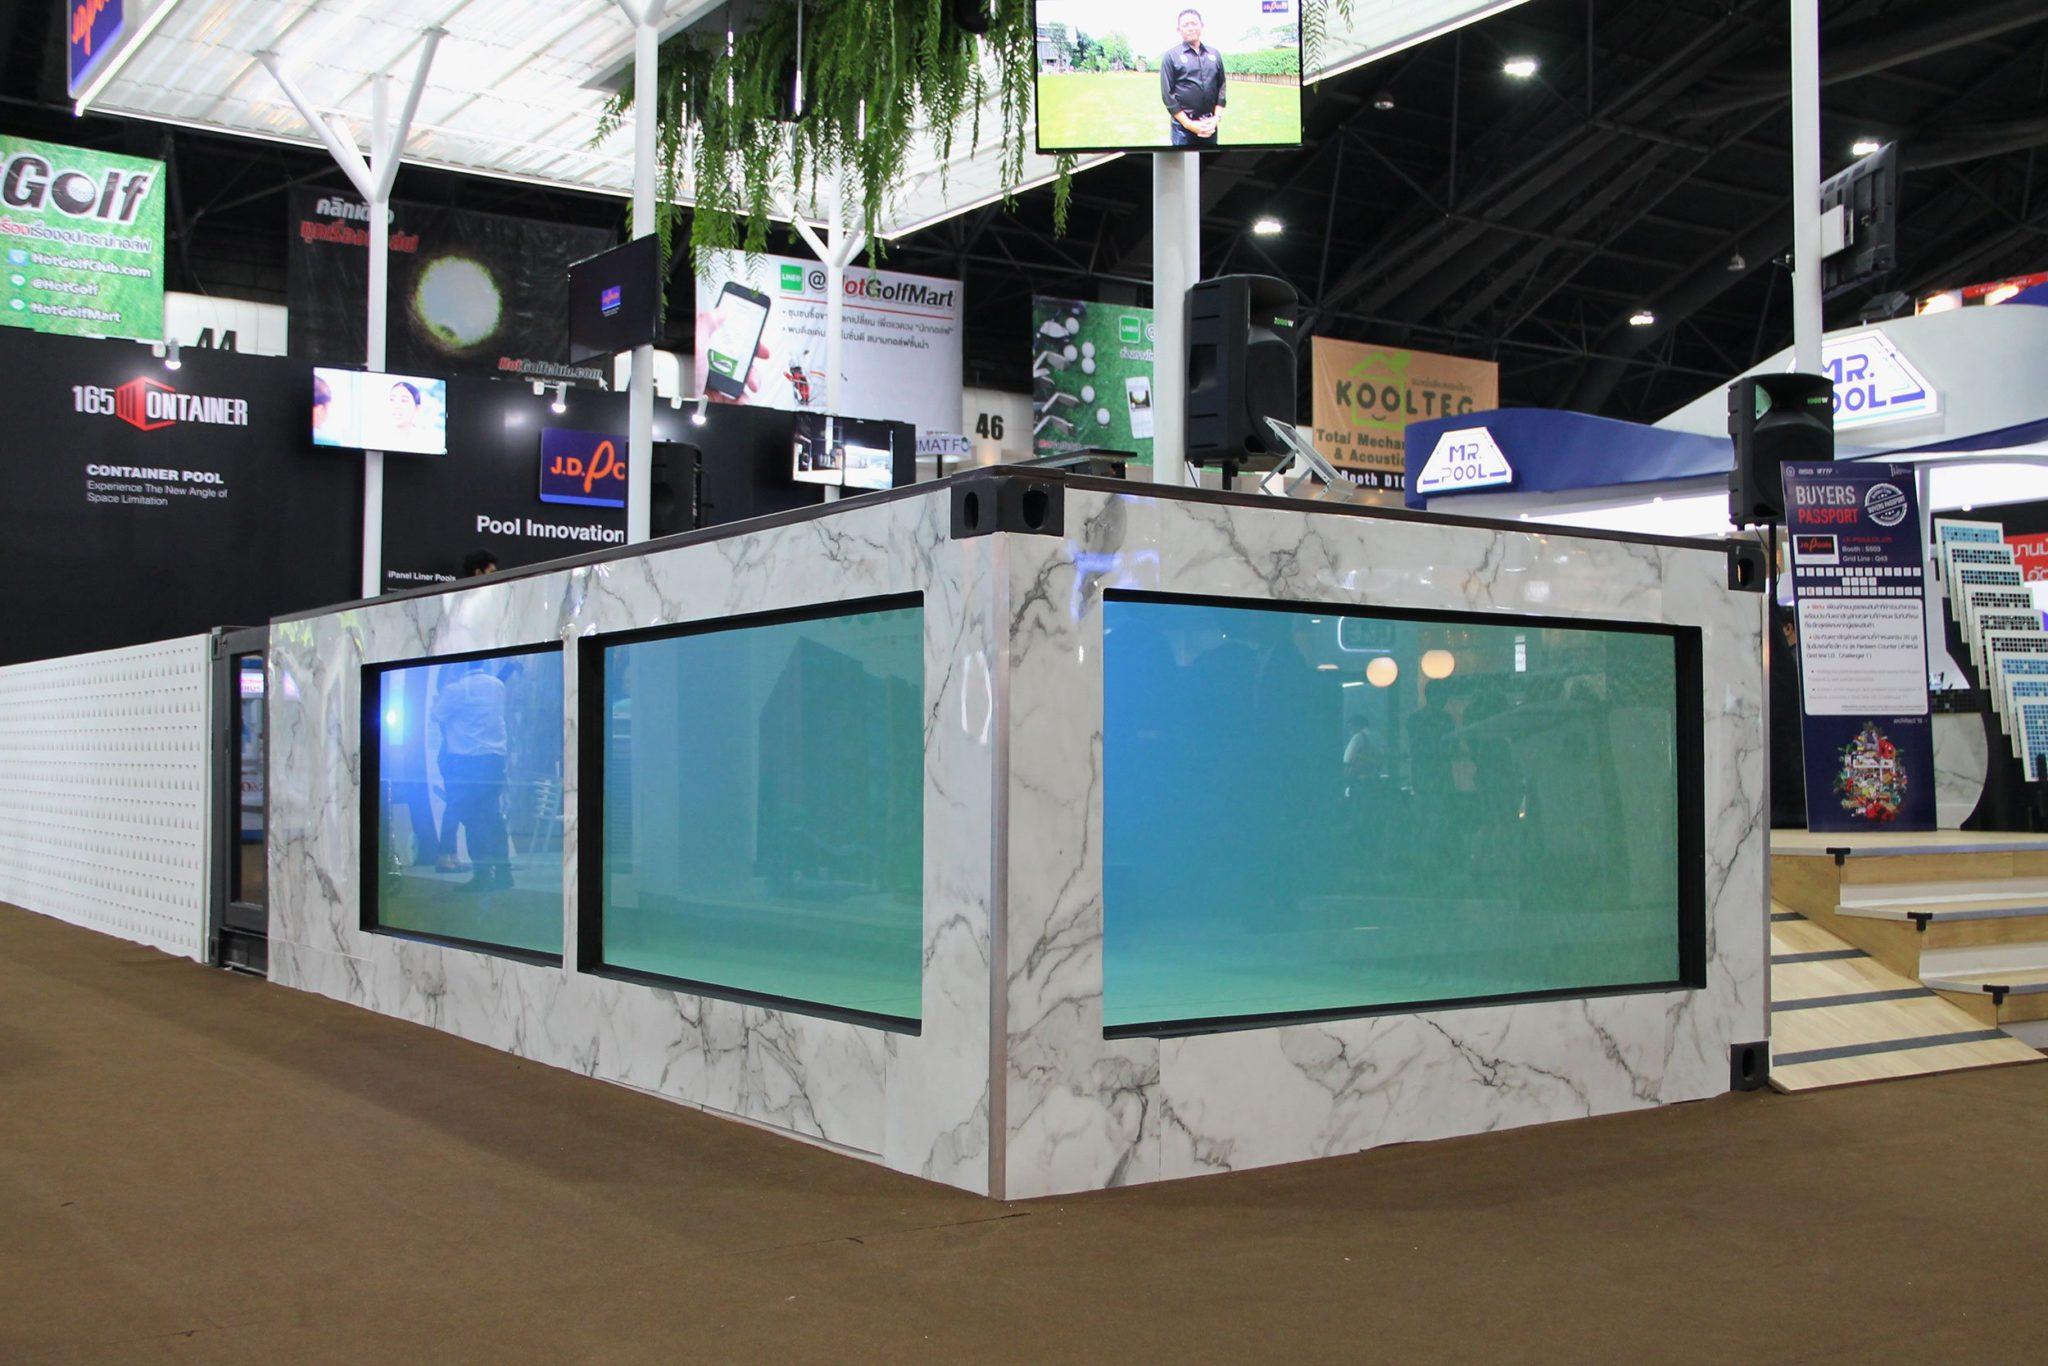 เจ.ดี.พูลส์ บุกตลาดสระว่ายน้ำกลาง-ล่าง เปิดตัว คอนเทนเนอร์พูล - คริสตัลพูล เจาะโรงแรม-รีสอร์ท-คอนโด 2 -